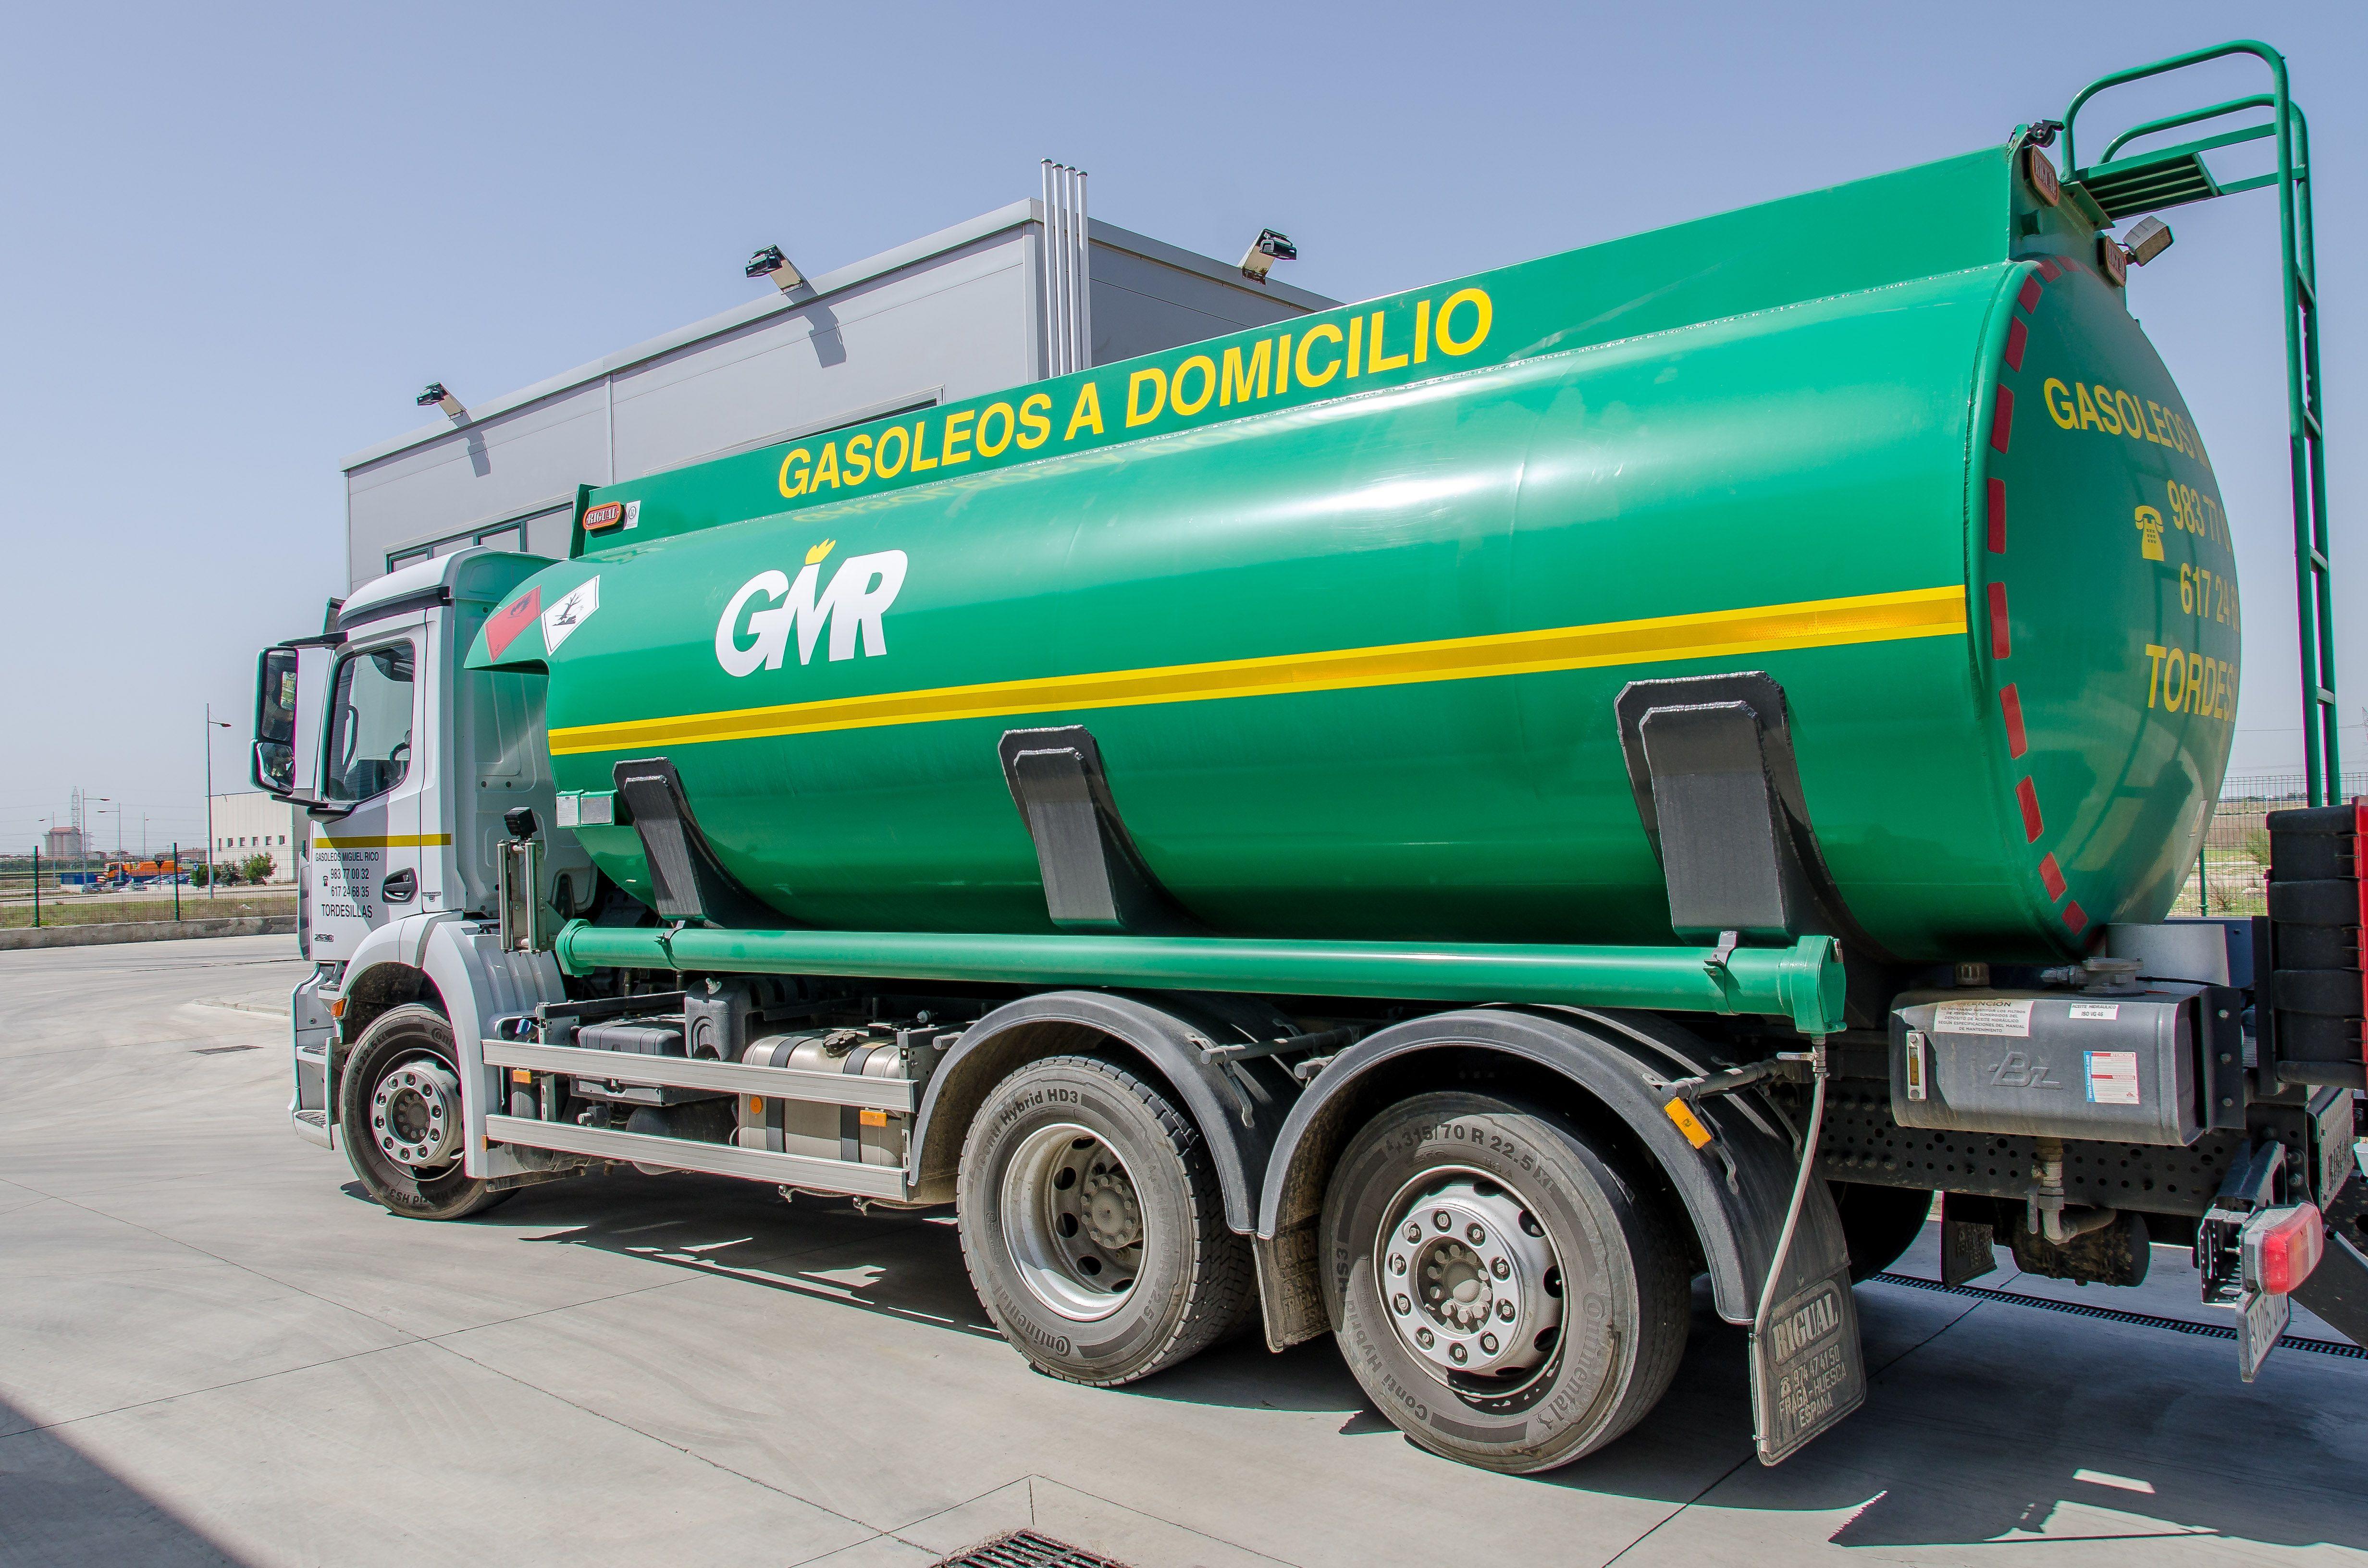 Transportamos diferentes tipos de gasóleo hasta donde nos solicites